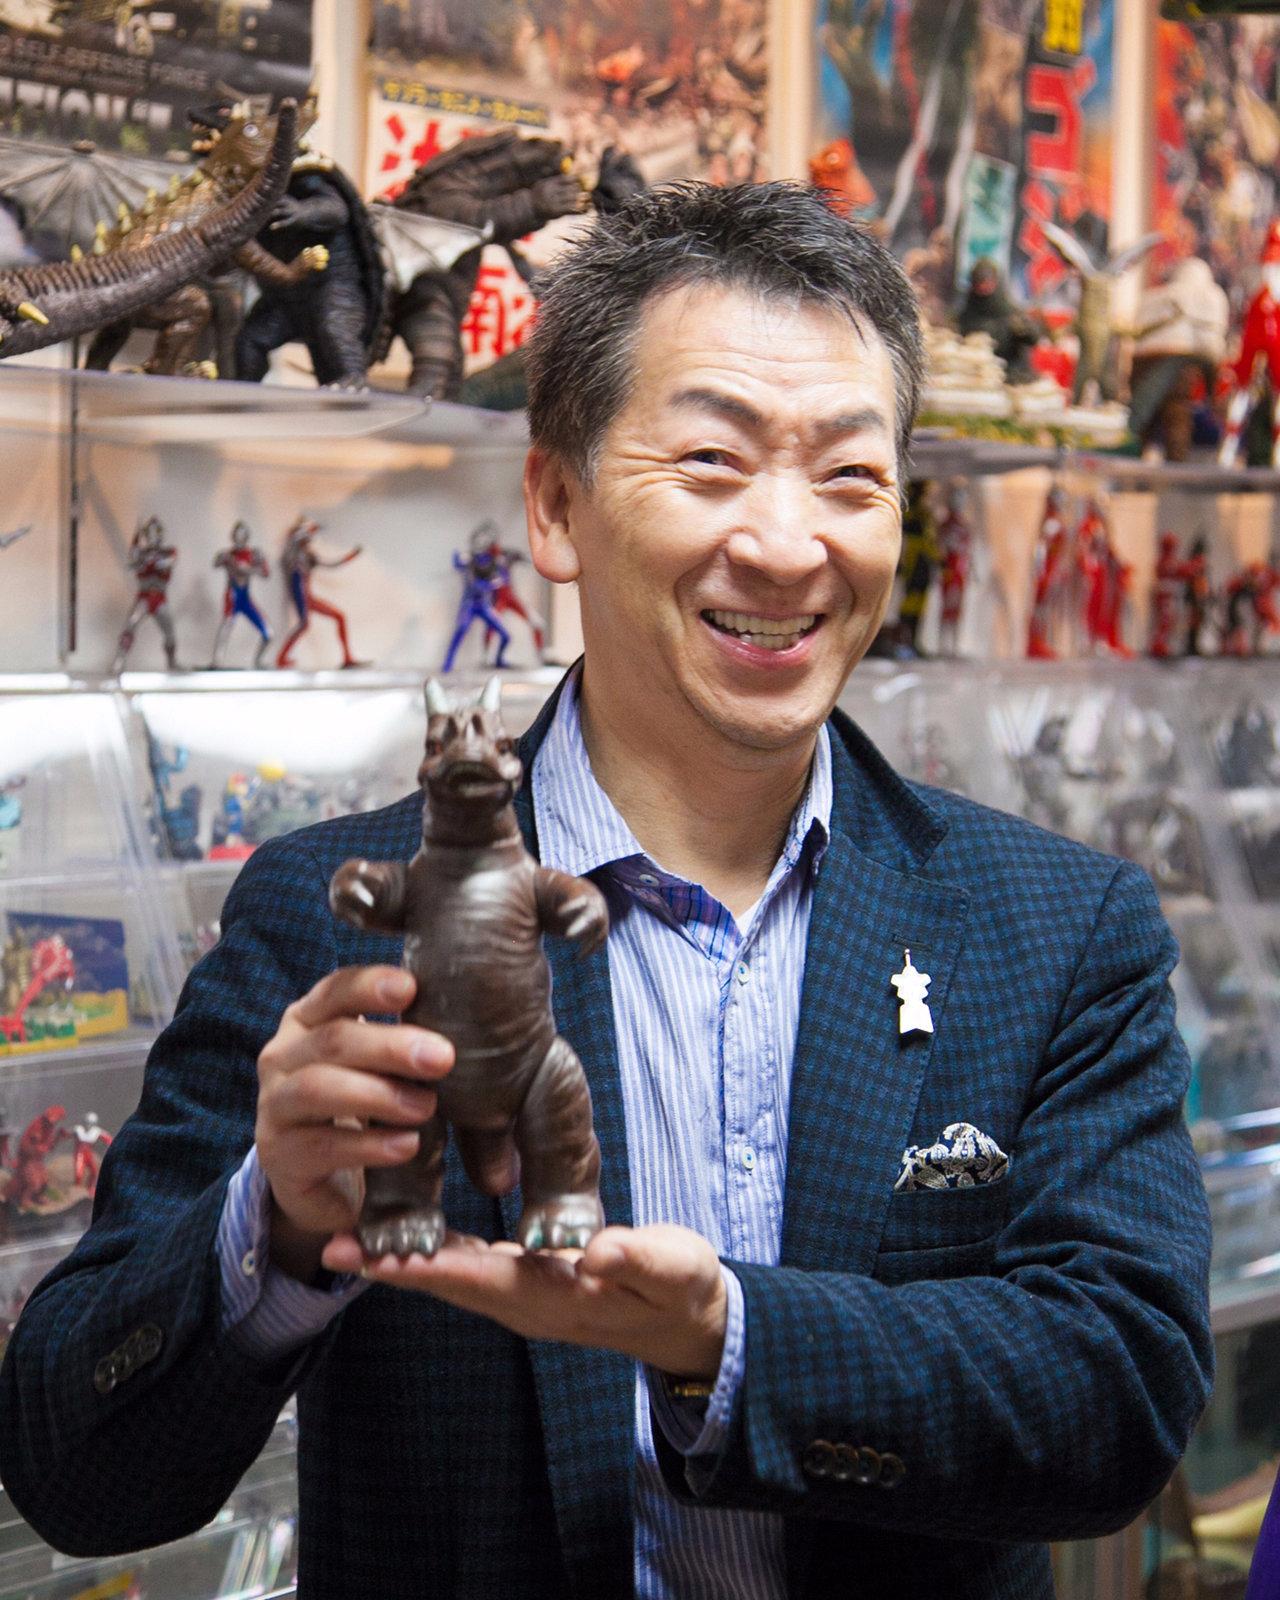 怪獣ミュージアム館長の原坂一郎さん。元怪獣博士というだけあり、豊富な怪獣の知識を教えてくれました。